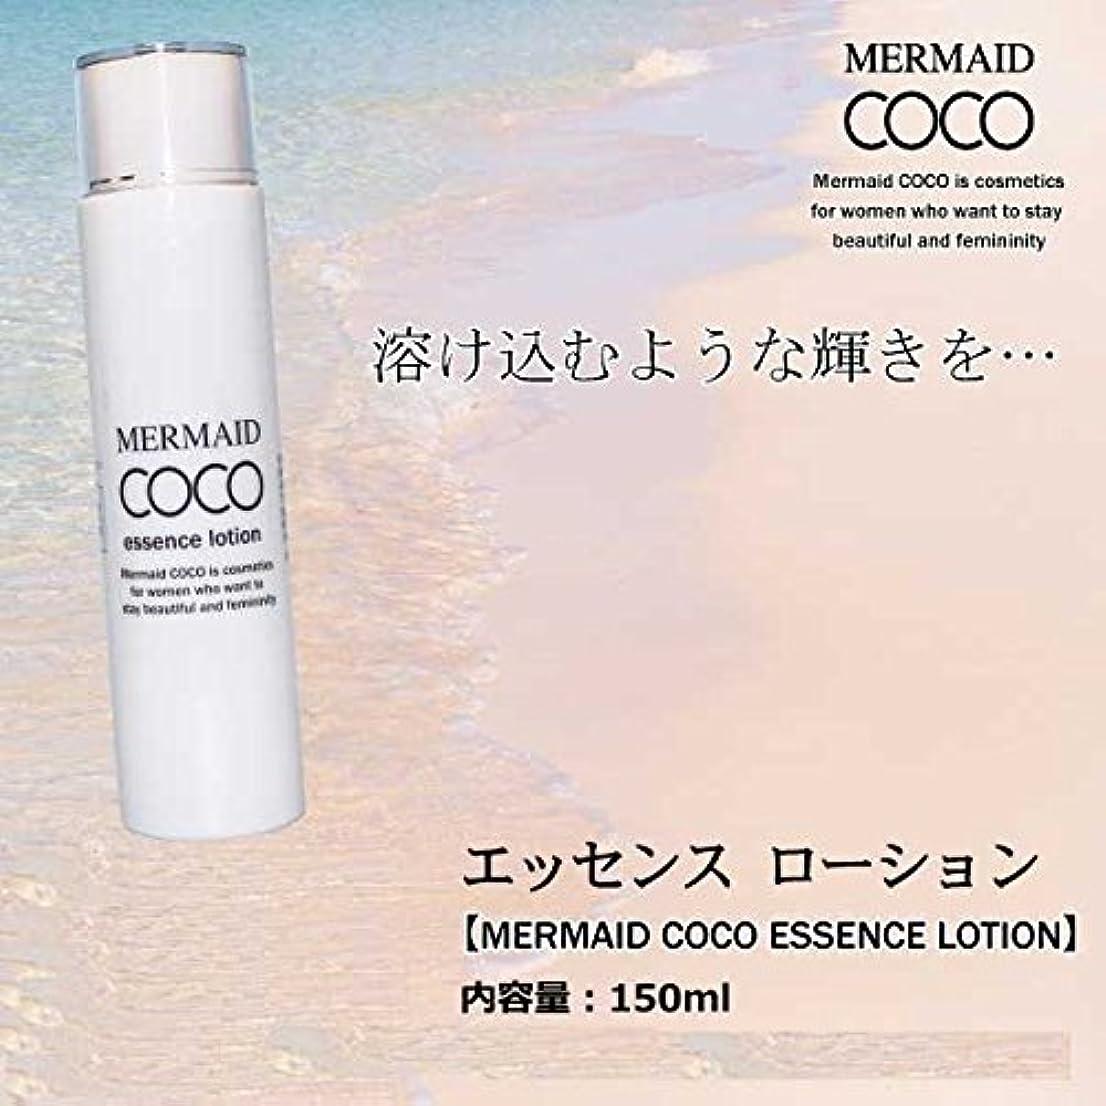 ローンメインレンダーマーメイド ココ  エッセンローション MERMAID COCO ESSENCE LOTION 150ml